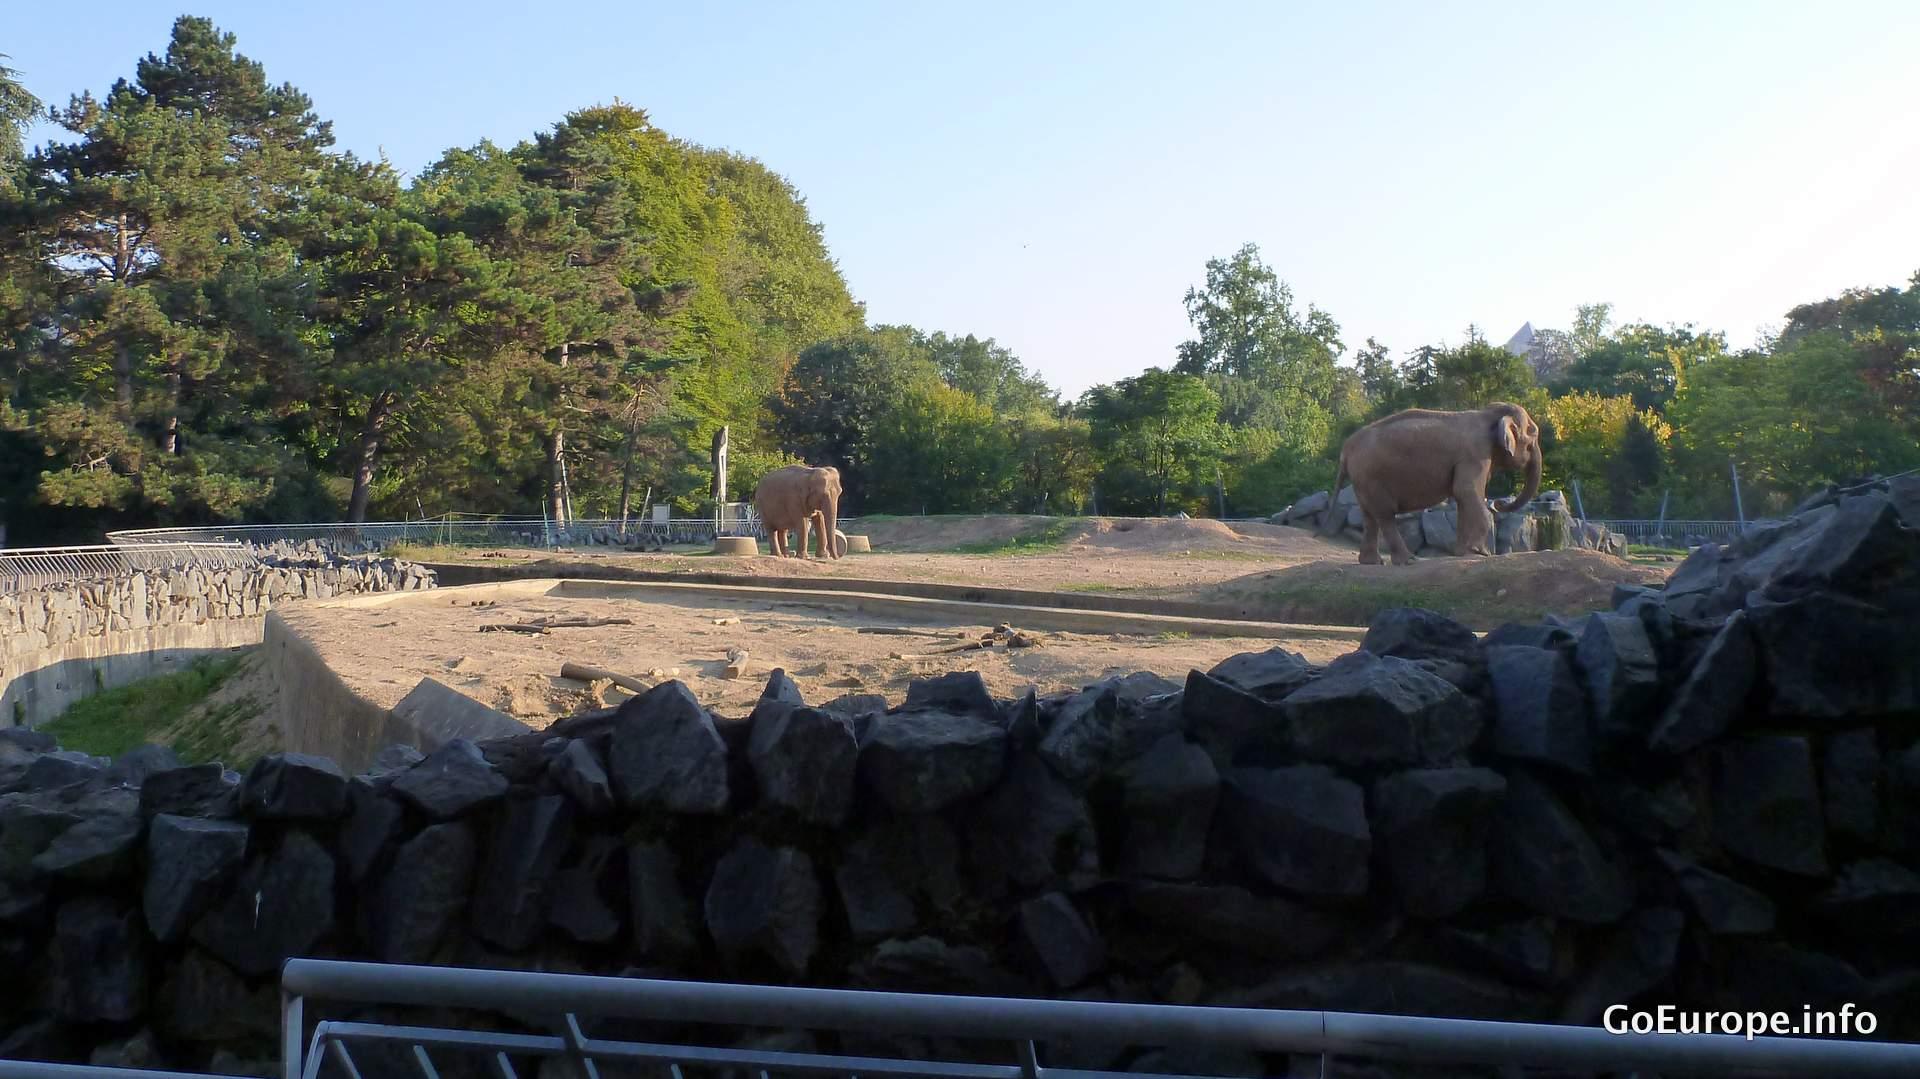 Parc de la Tete d'Or - The park with a mini zoo.